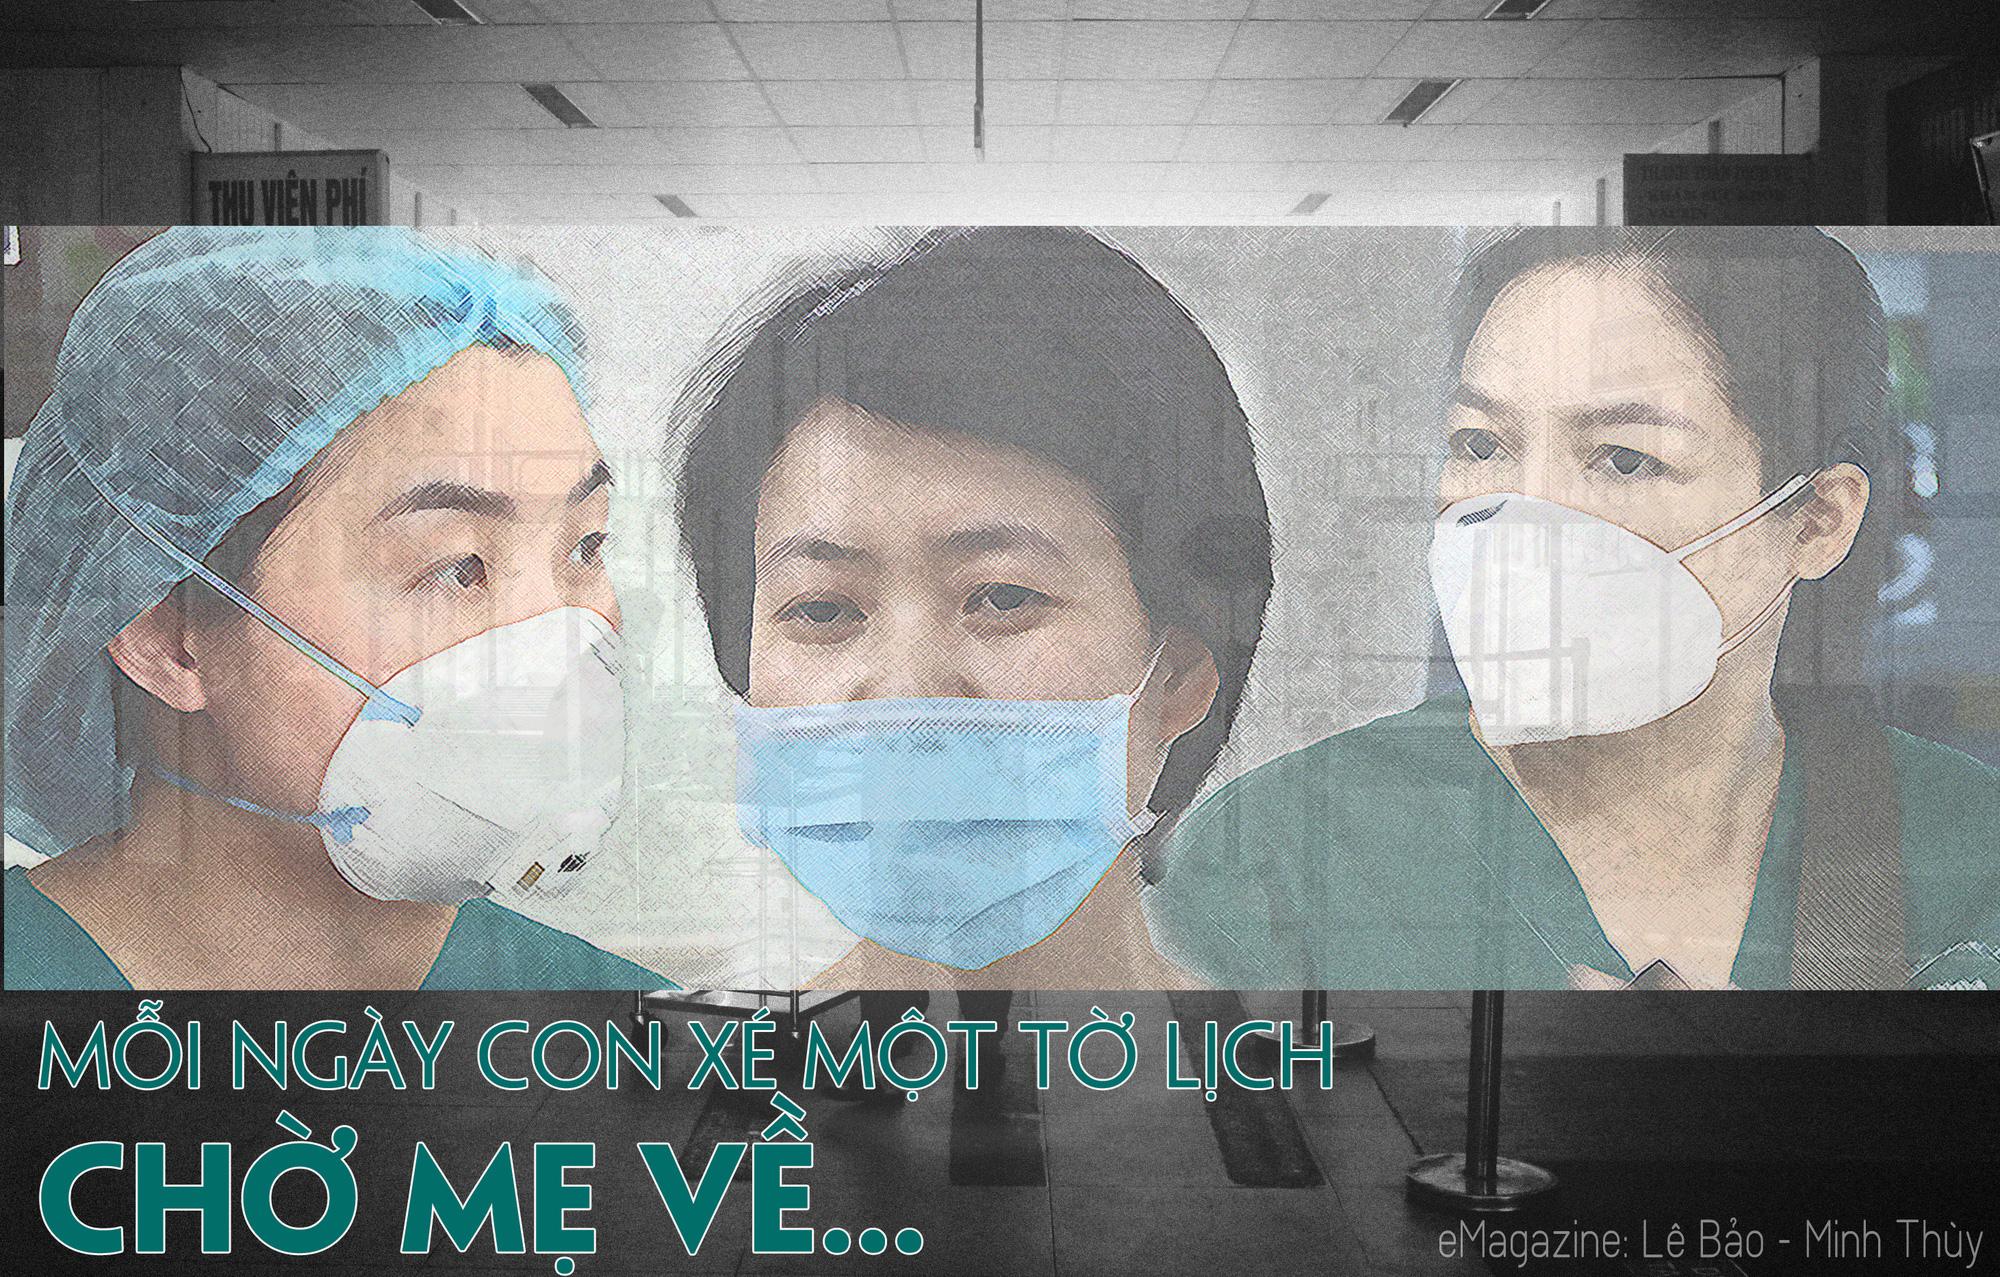 """[Nhật ký từ tâm dịch Đà Nẵng] - Chuyện chưa kể của 3 nữ chiến binh """"kiểm soát nhiễm khuẩn"""" - 1"""